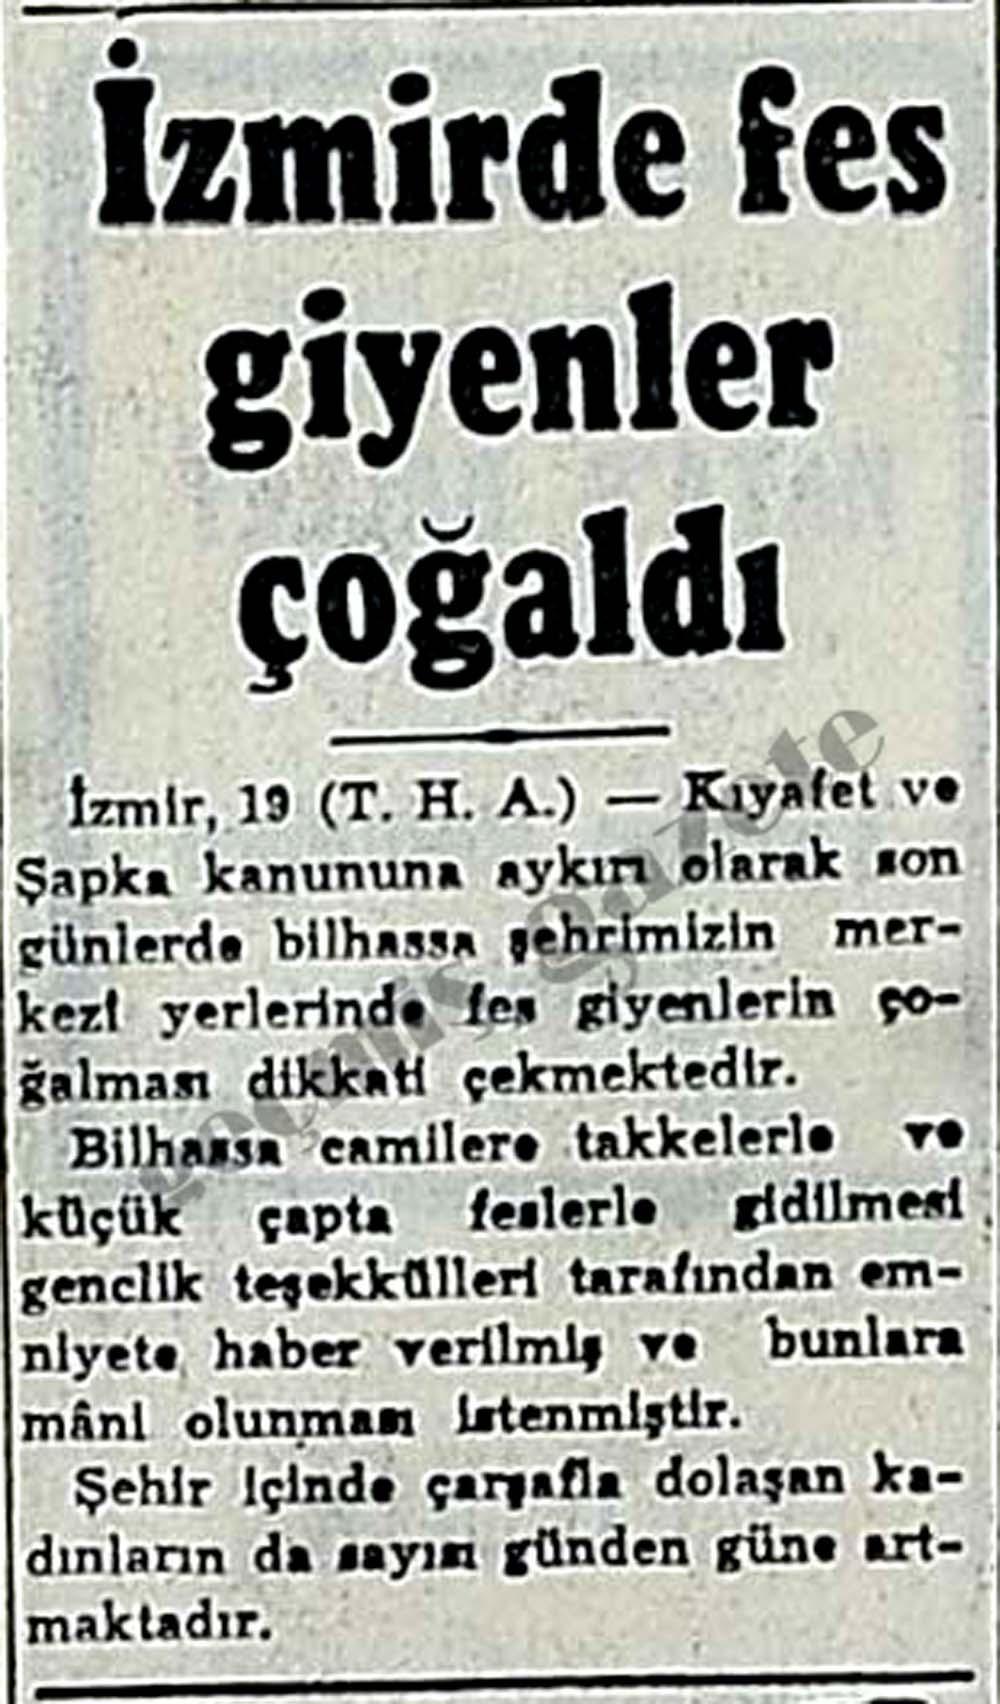 İzmirde fes giyenler çoğaldı